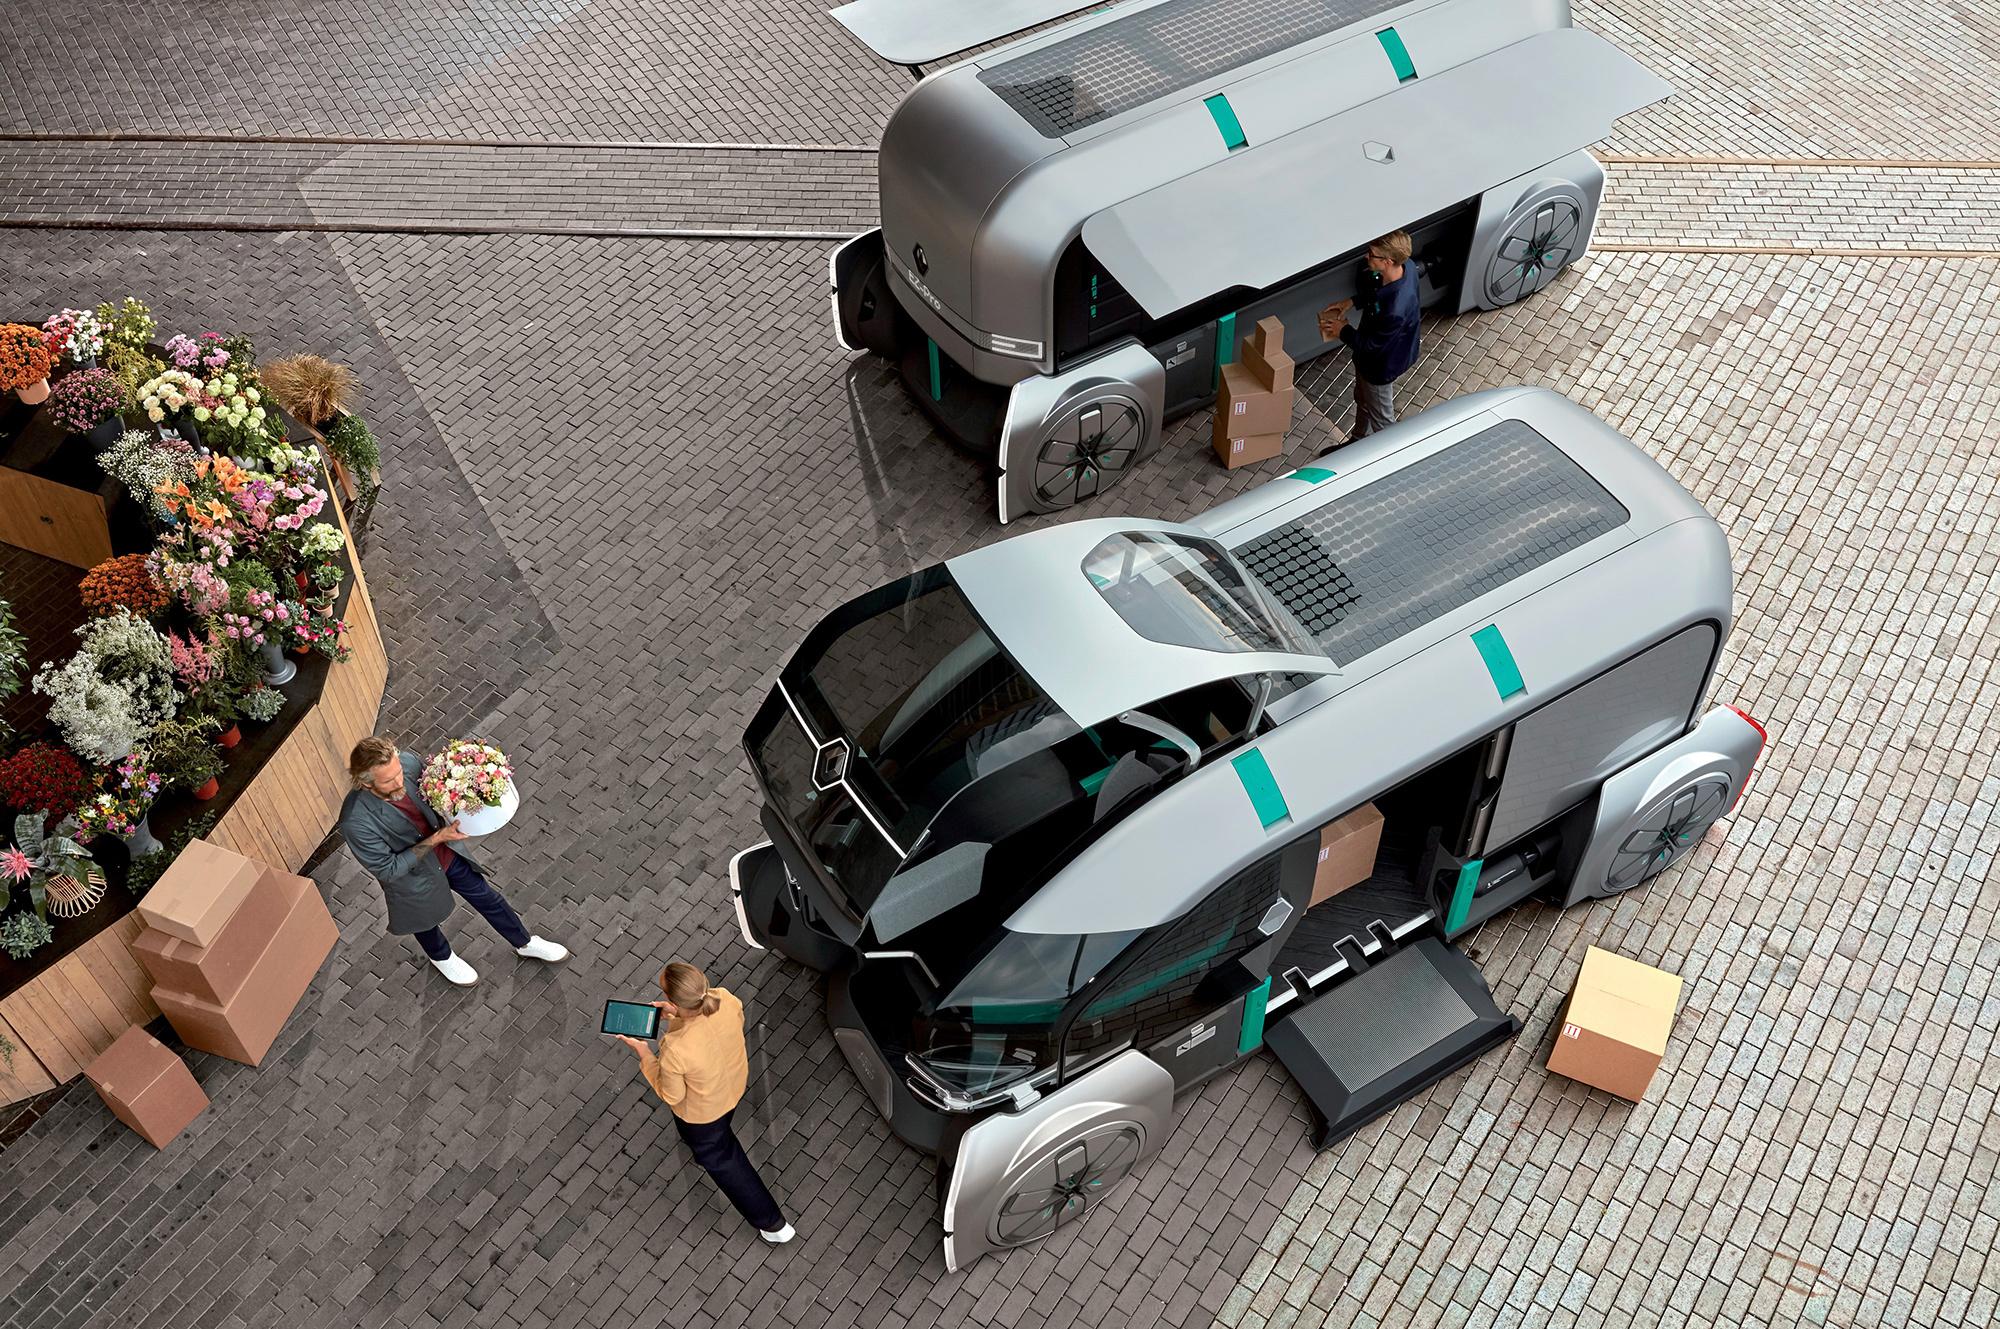 Renault представила роботизированный фургон для доставки товаров